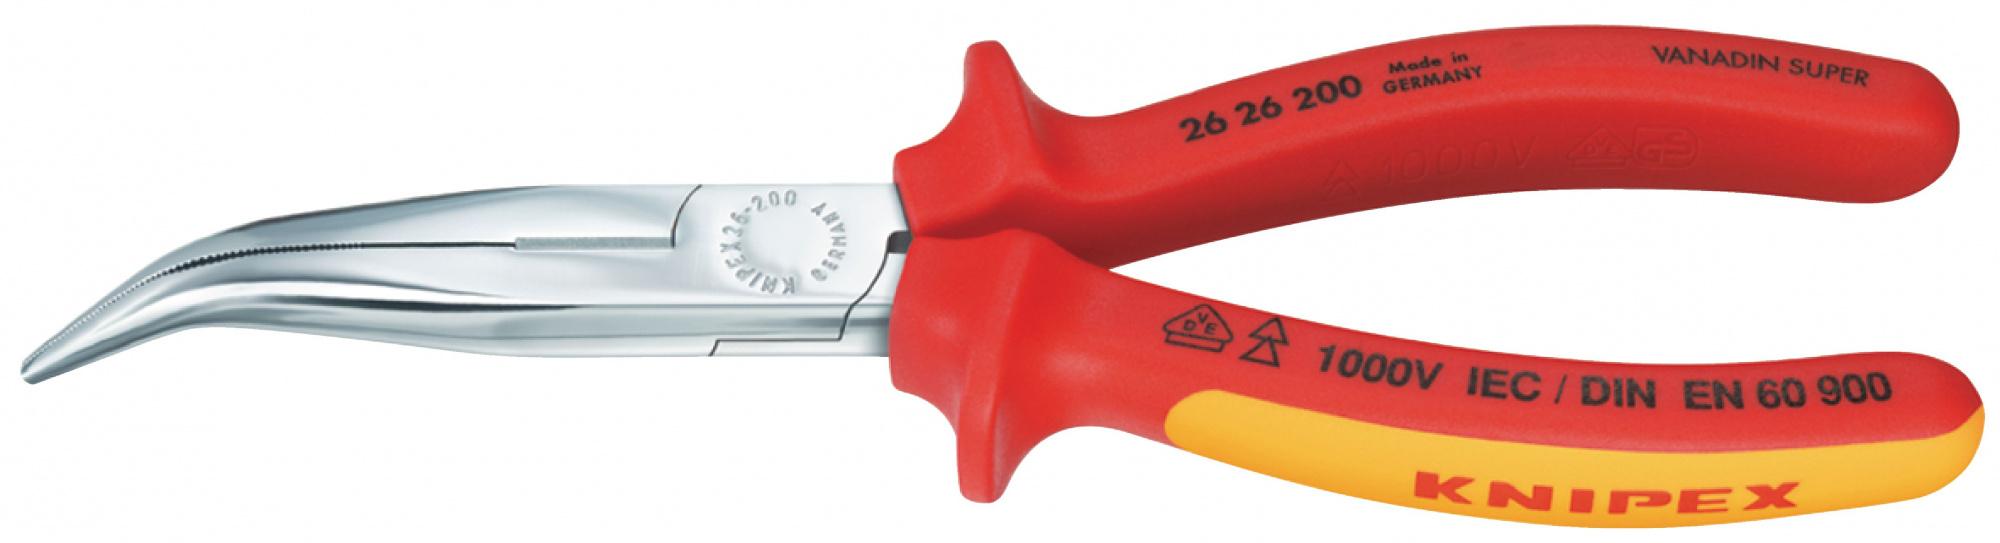 Knipex KN-2626200 - длинногубцы с резцомСлесарные инструменты<br>Длинногубцы с резцом<br>